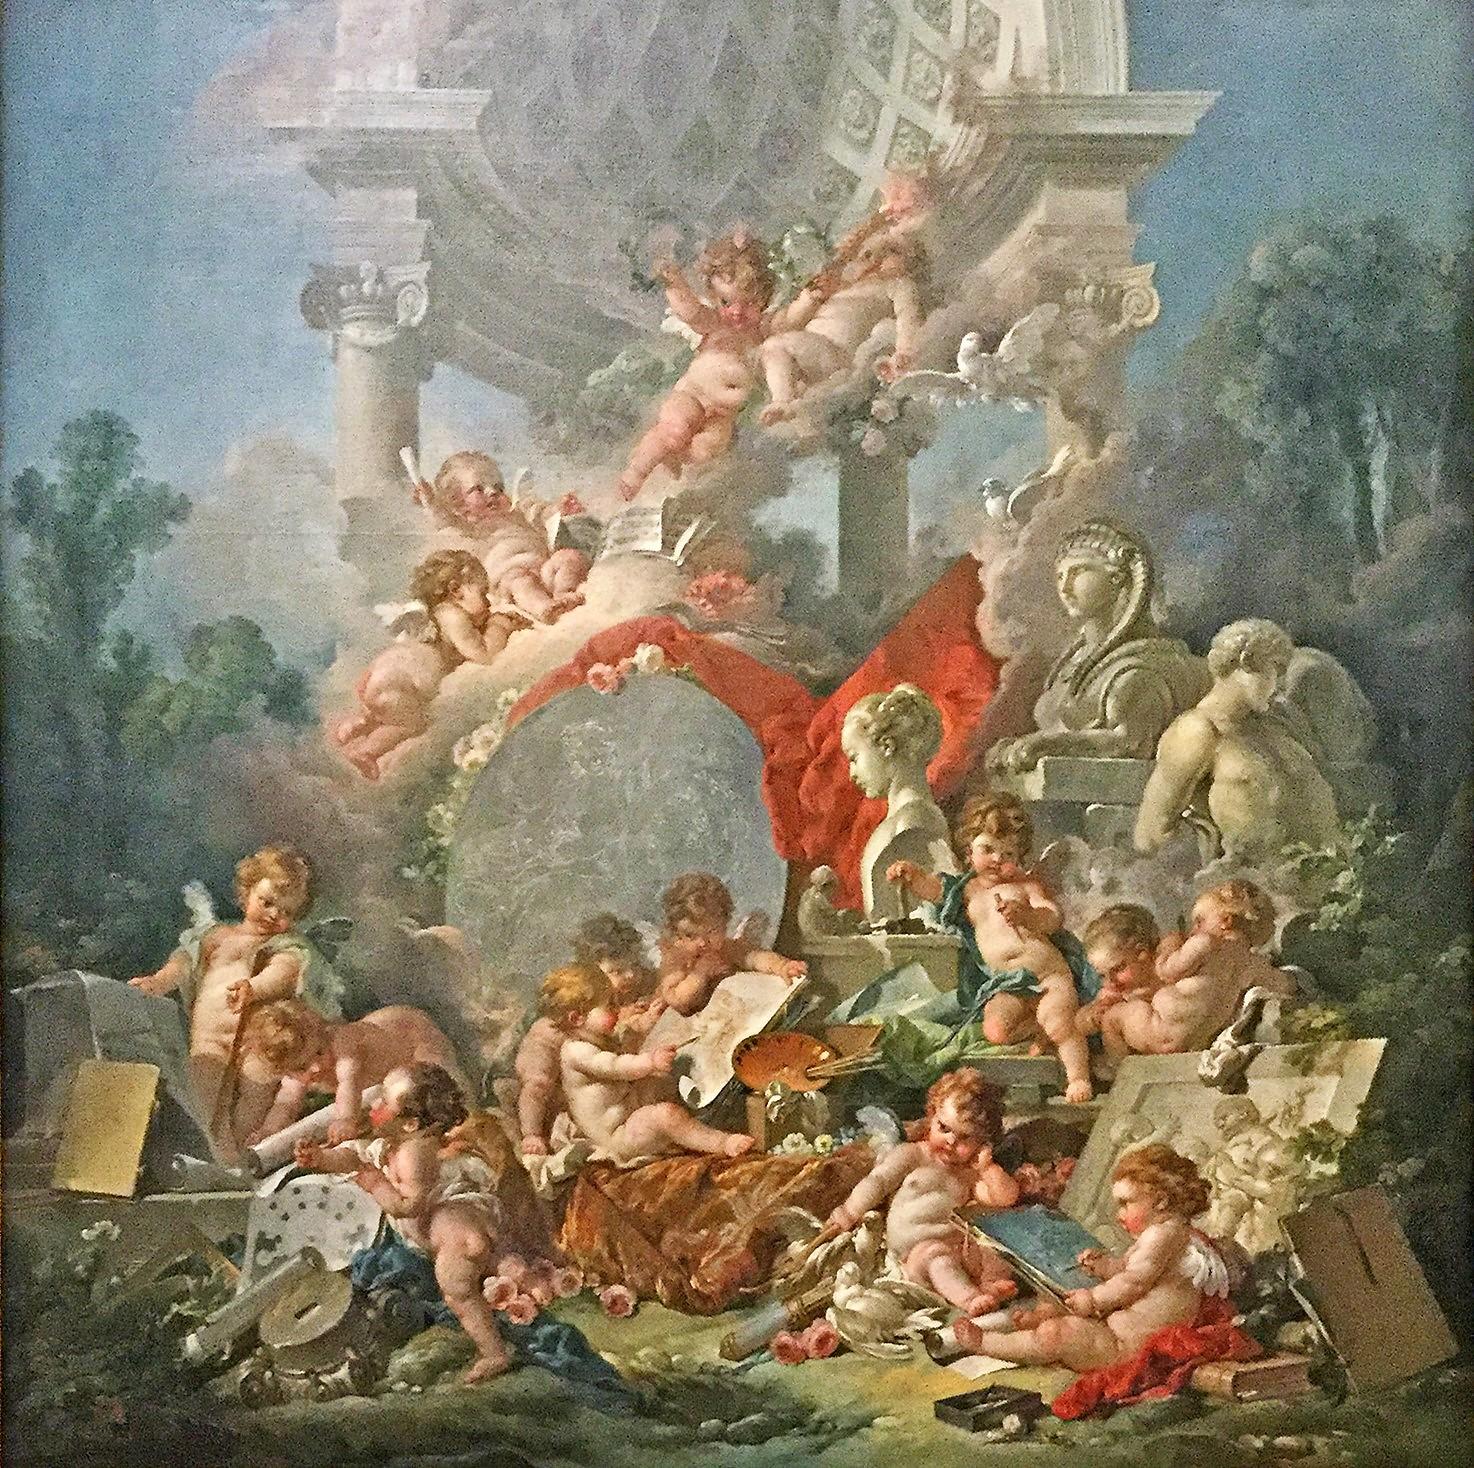 BOUCHER 1761 Les genies des Arts Musee des BA Angers